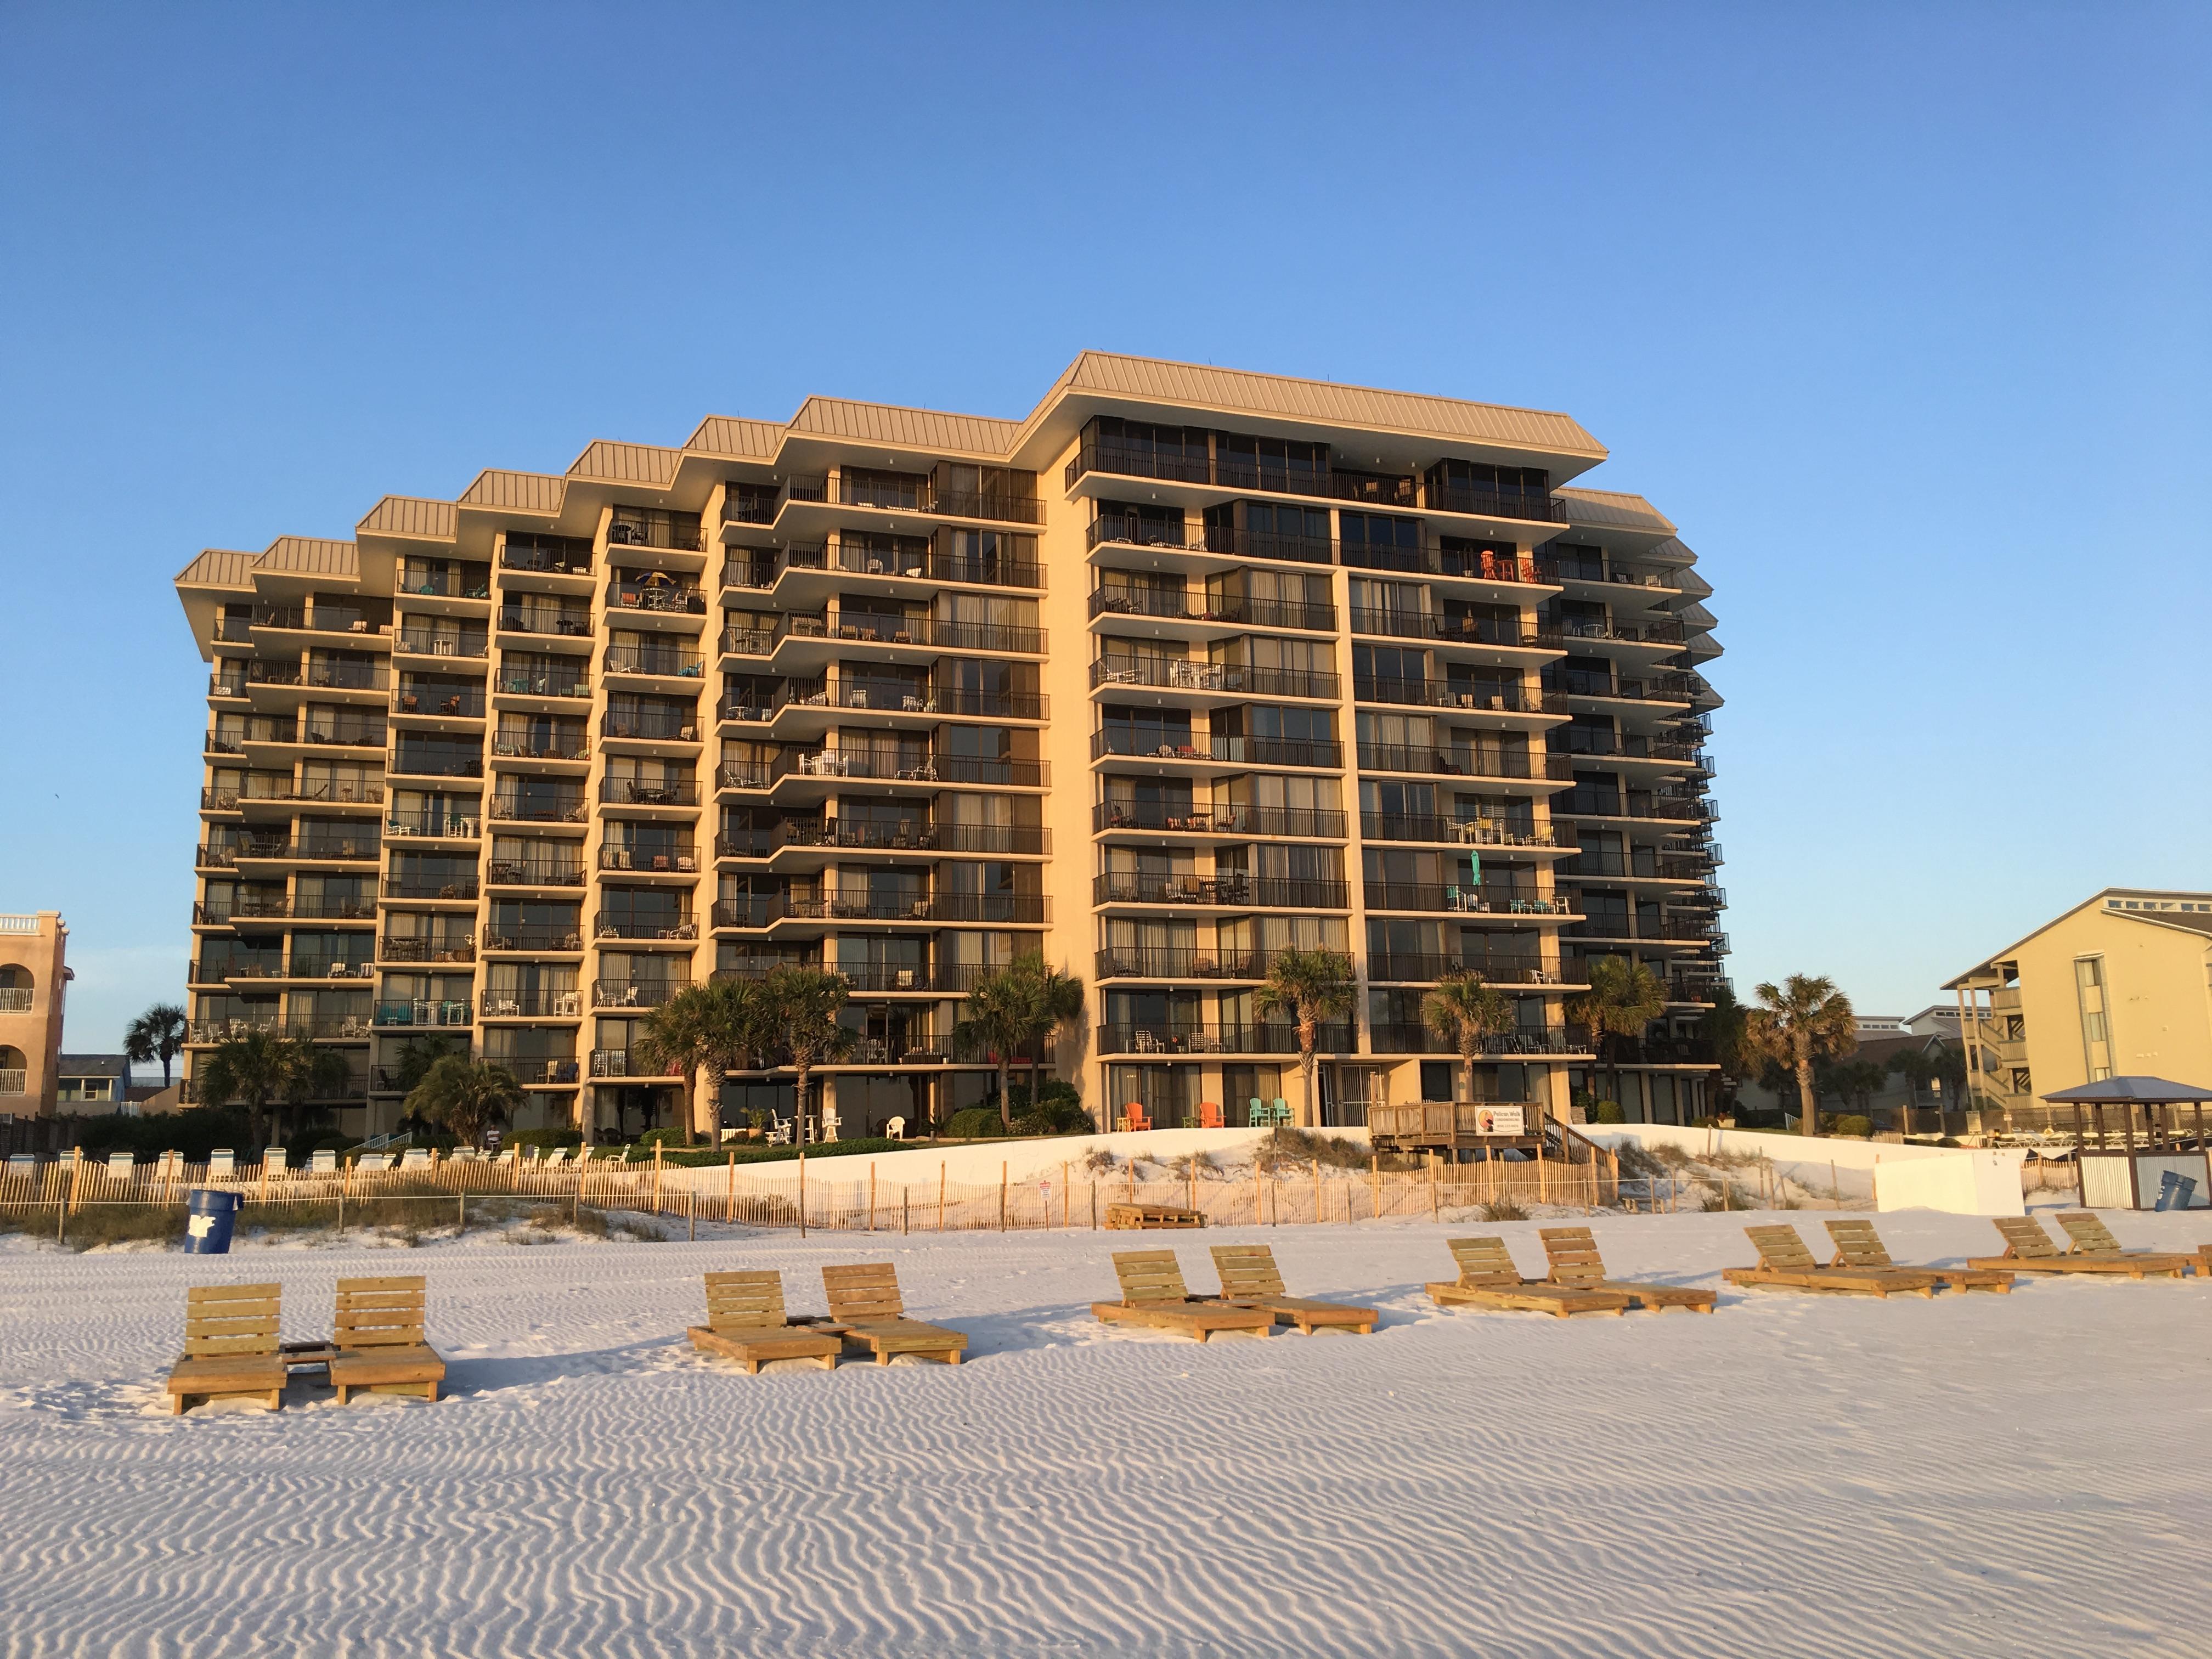 Pelican Walk Condo Beach Viw